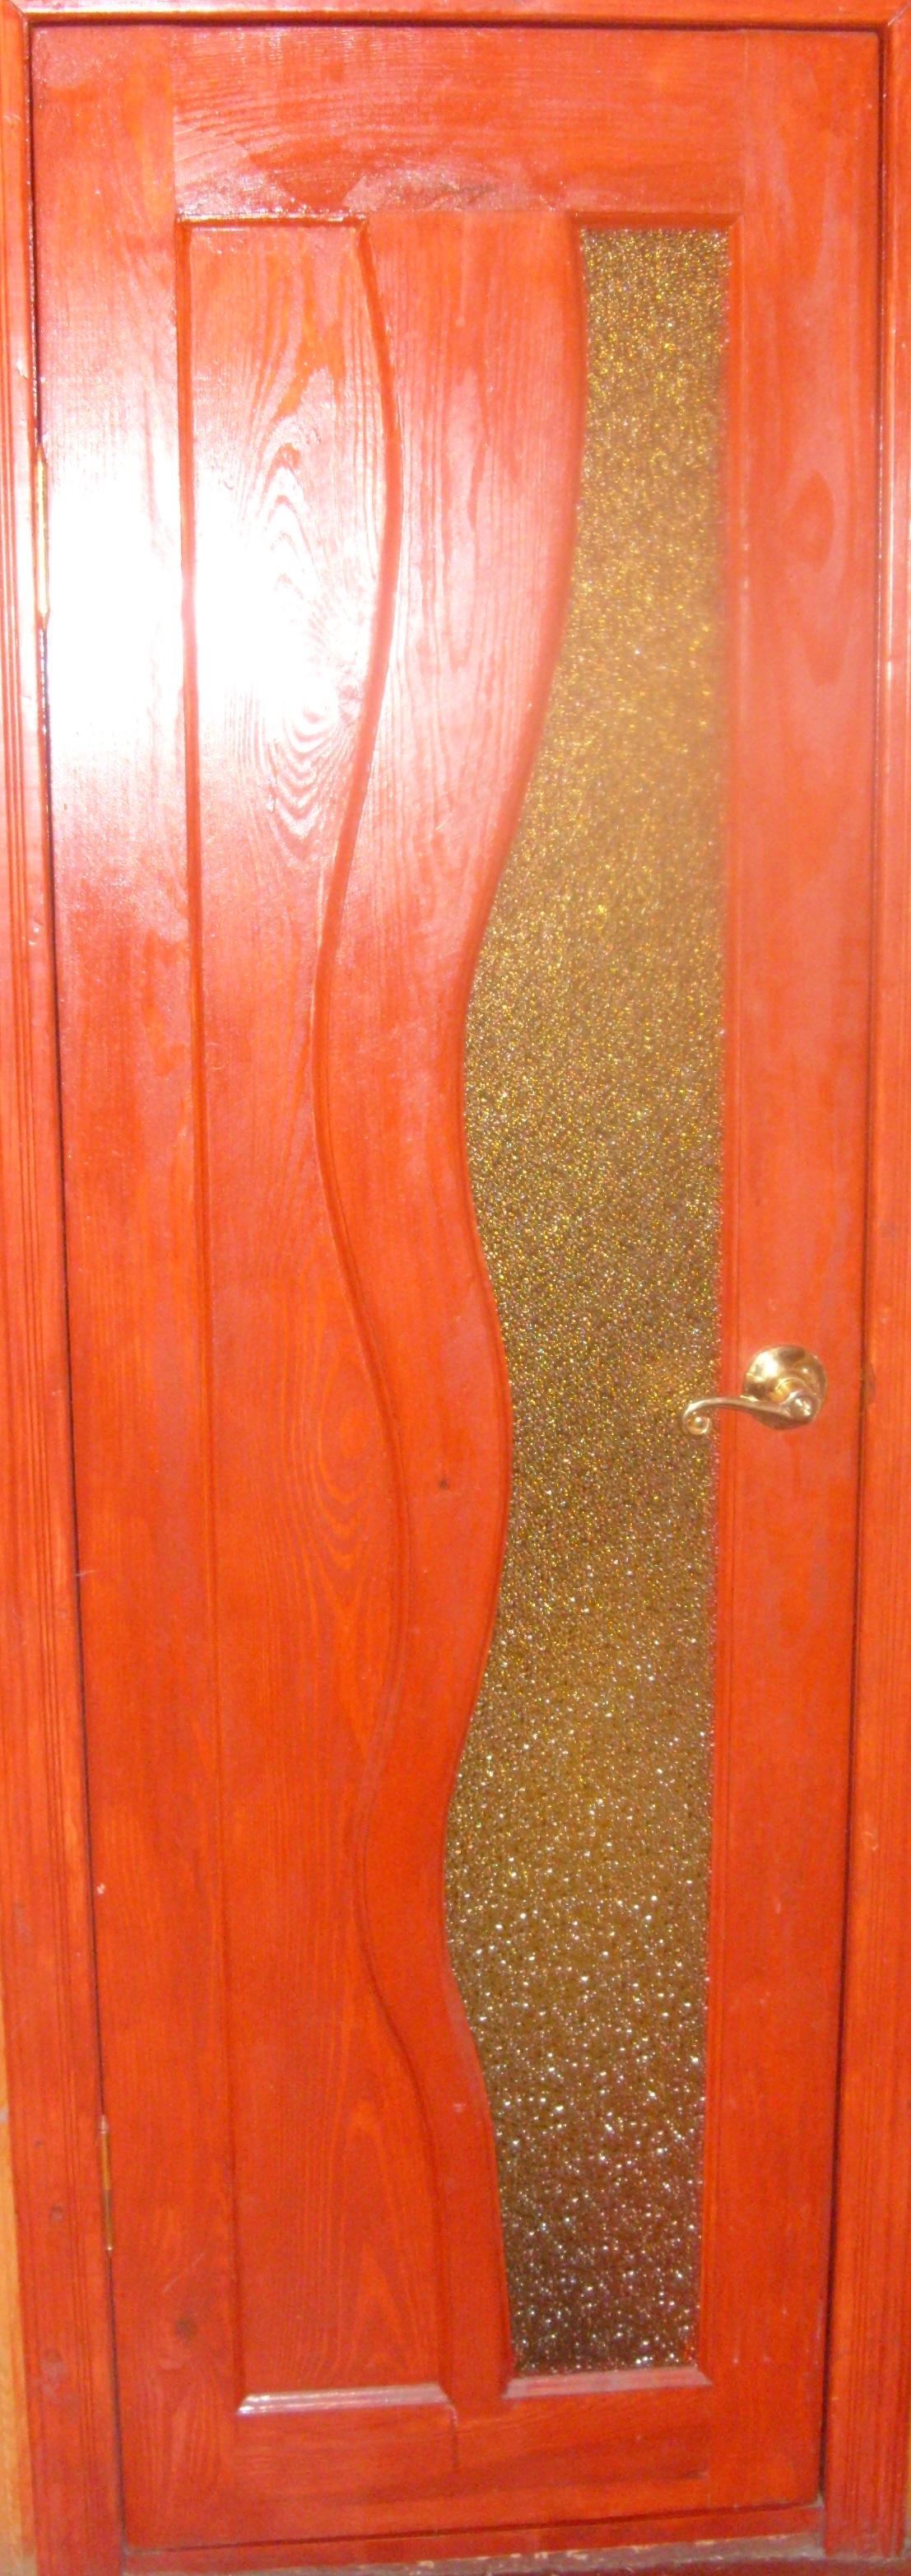 Дверь деревянная, модель № 11, с рифленым стеклом